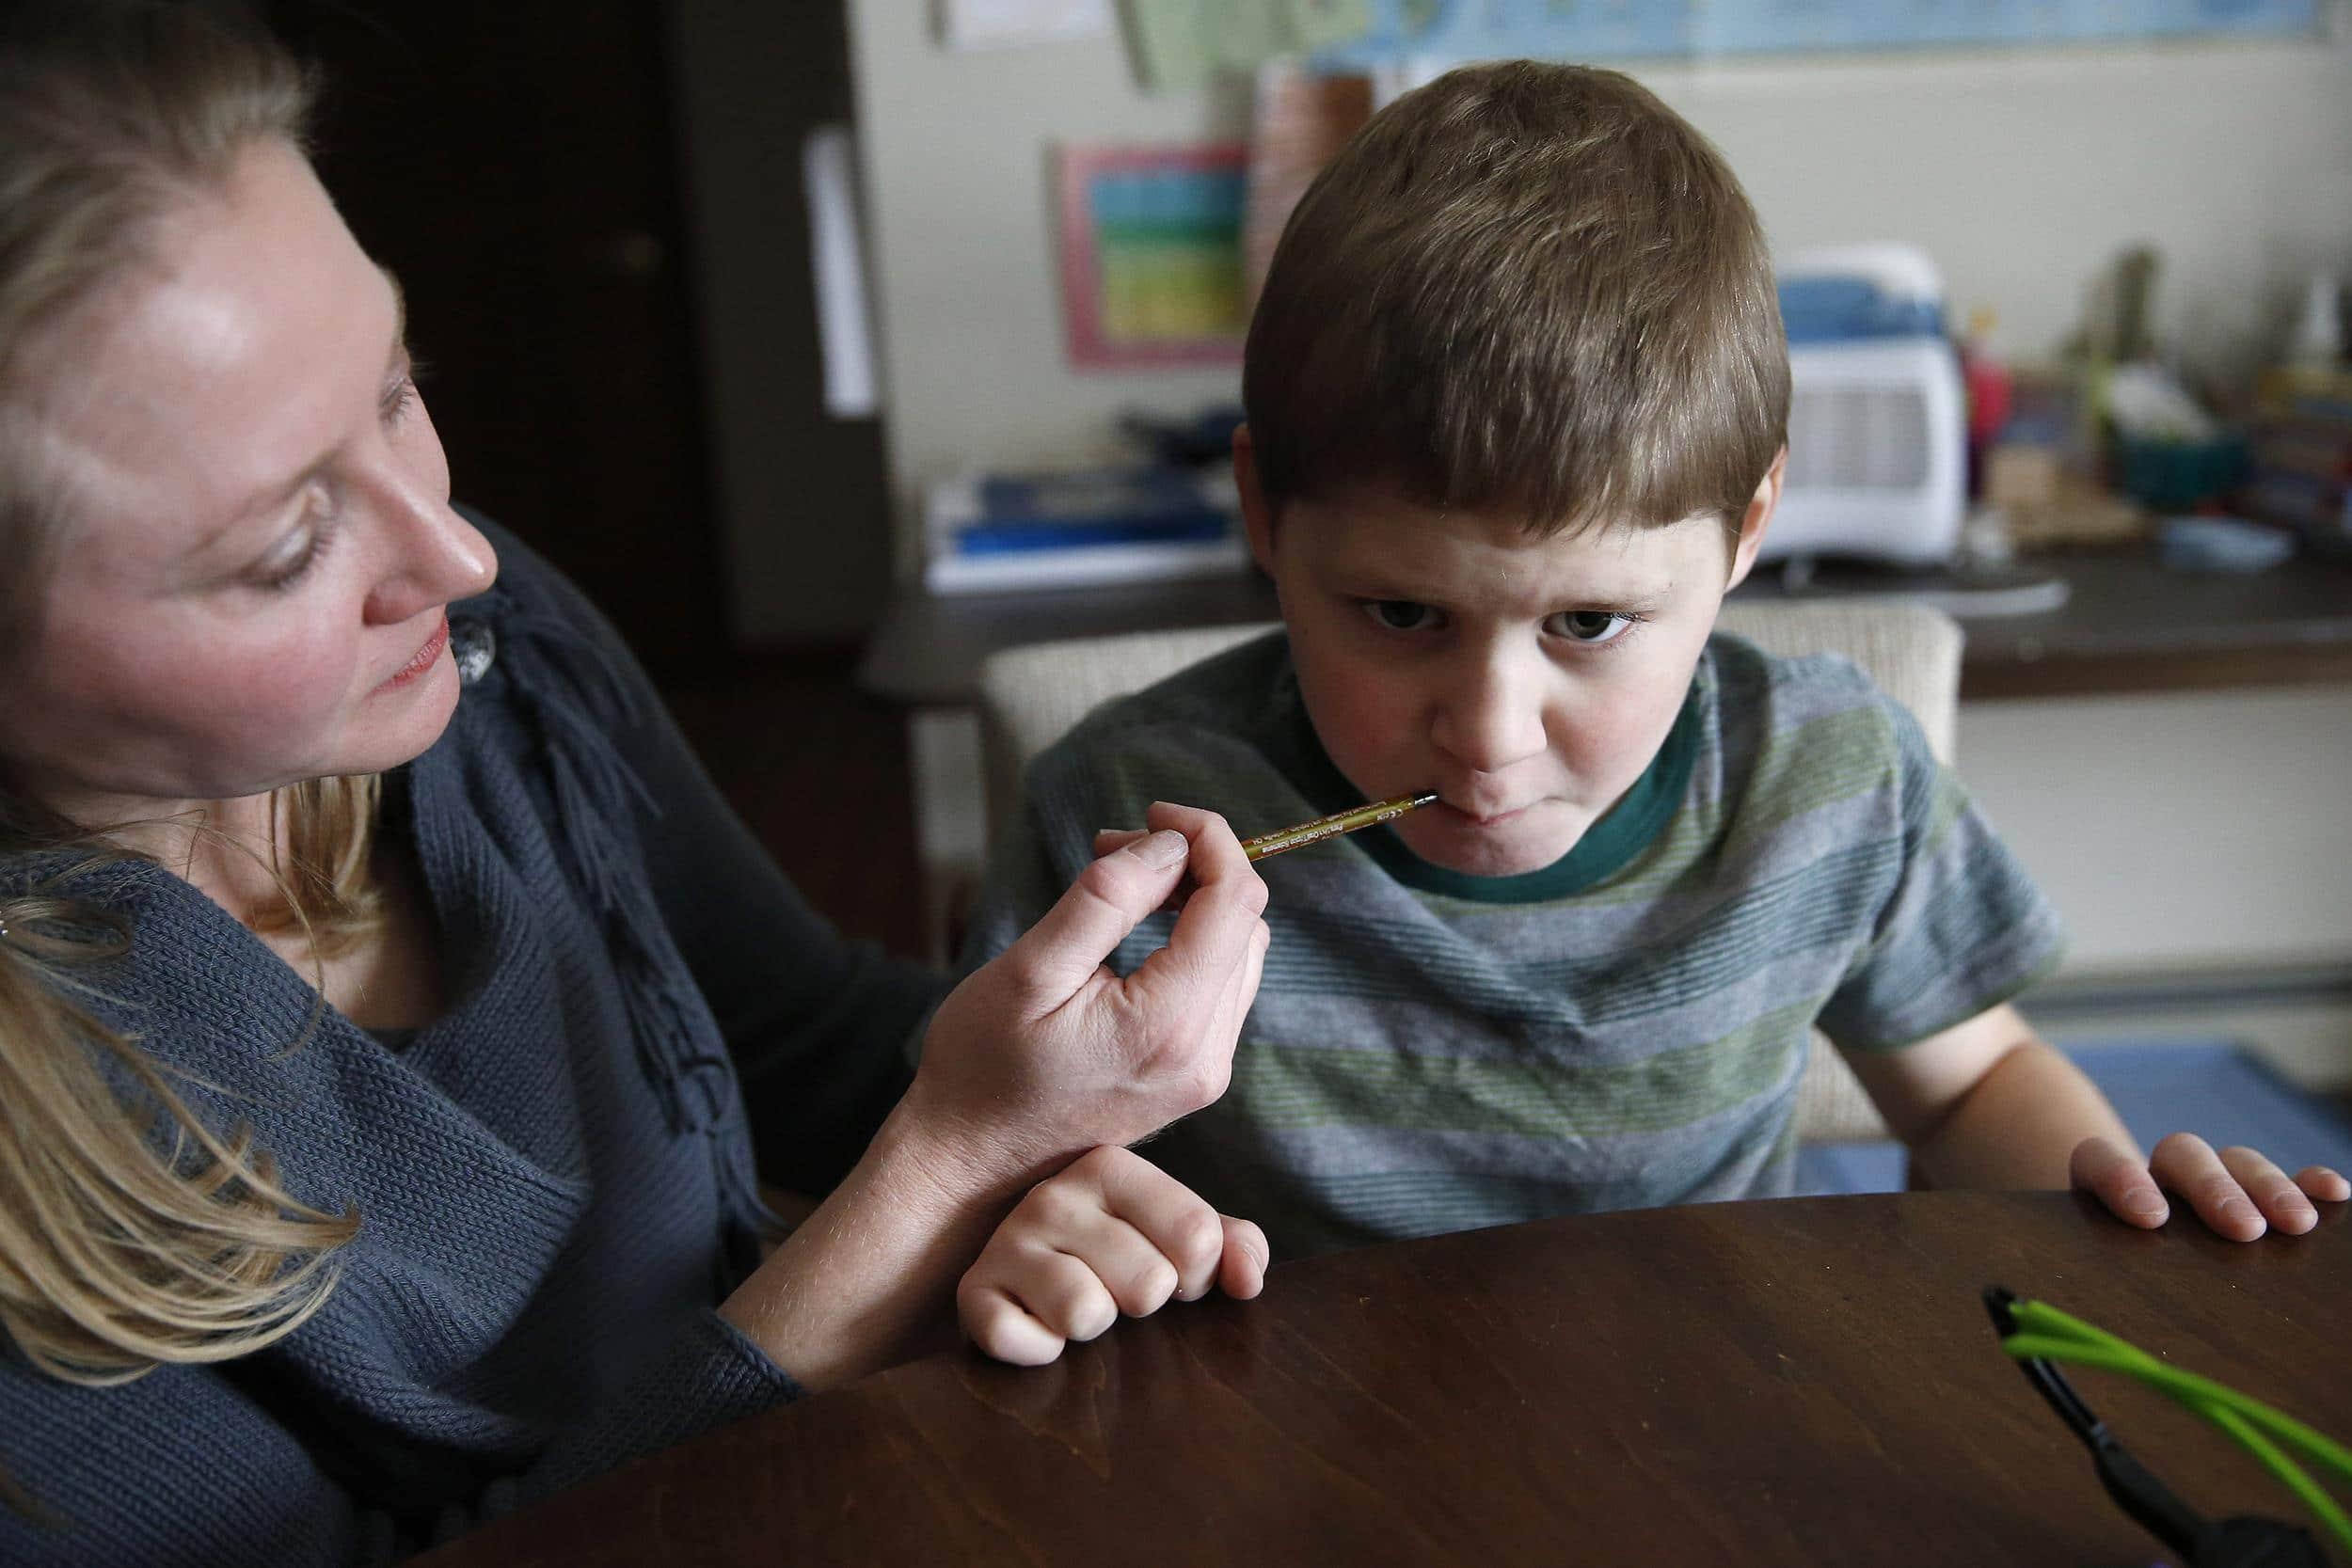 Nación Cannabis | Médicos de EU apoyan marihuana medicinal para niños con cáncer